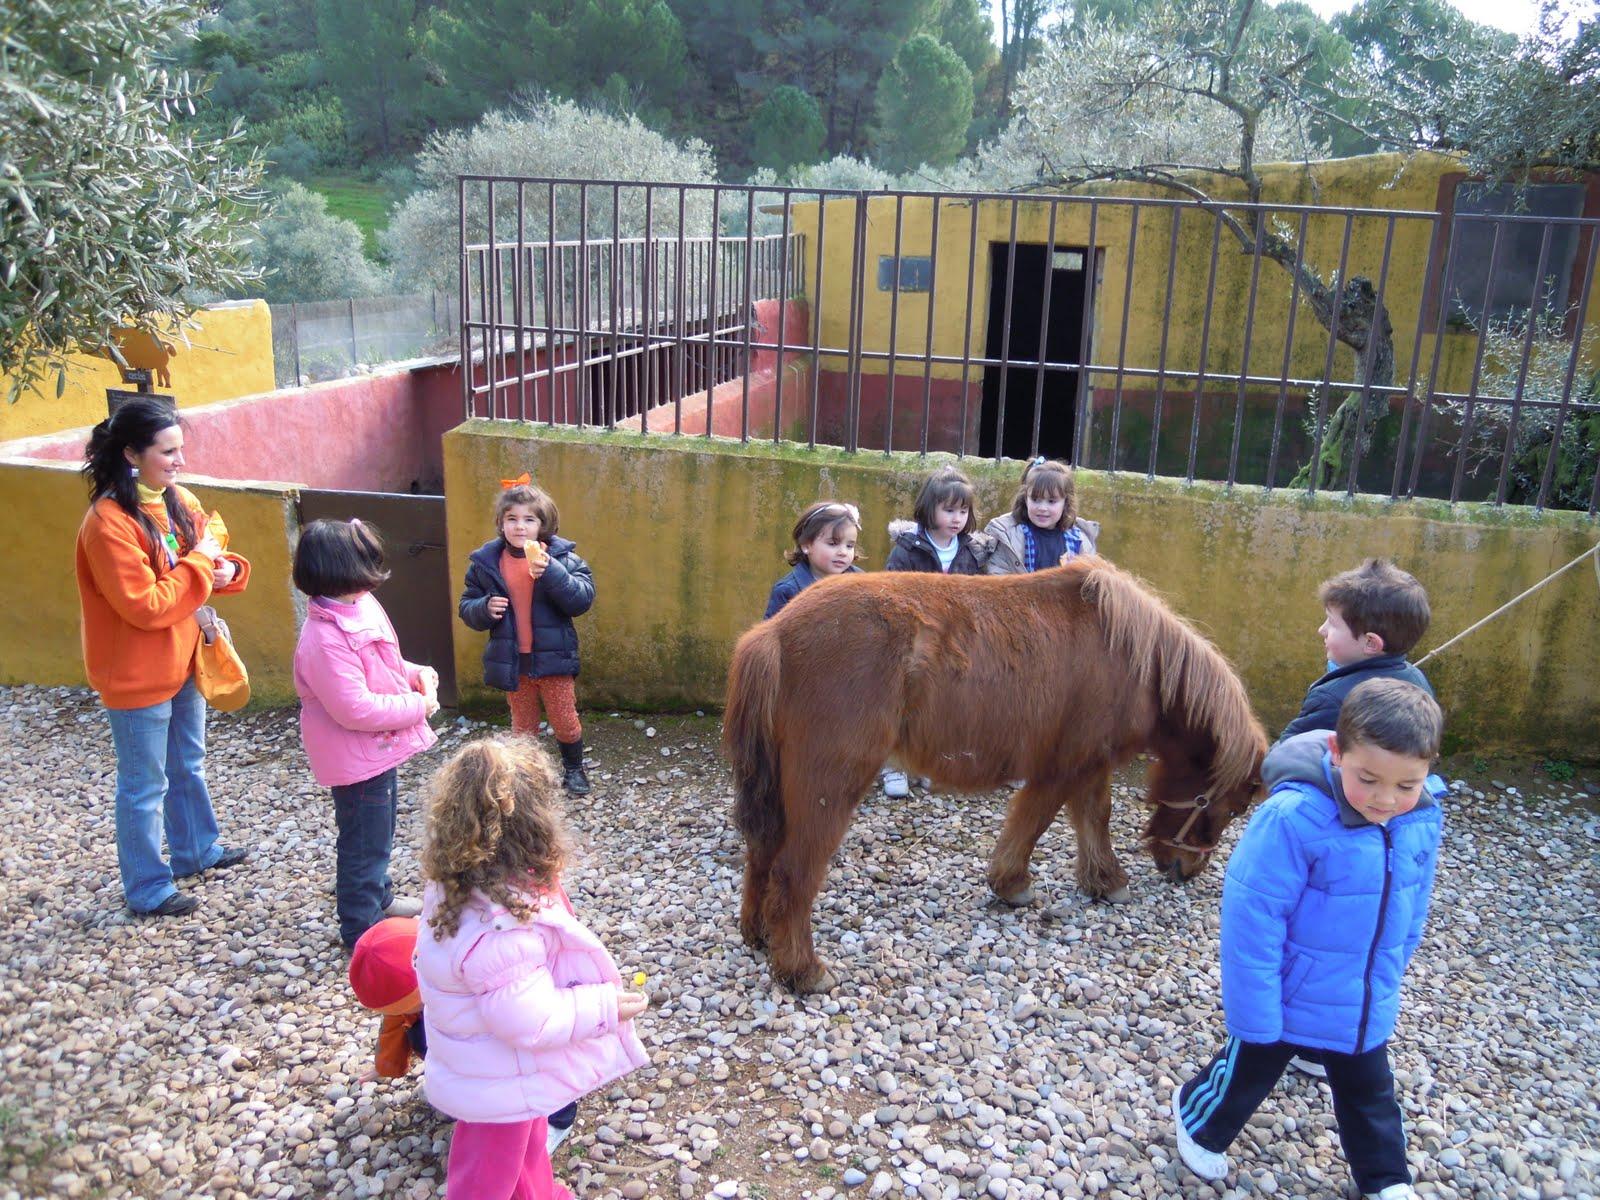 San Sebastian de la Gomer Spain  City pictures : SAN SEBASTIÁN: Visita a la granja escuela de Cabriñana